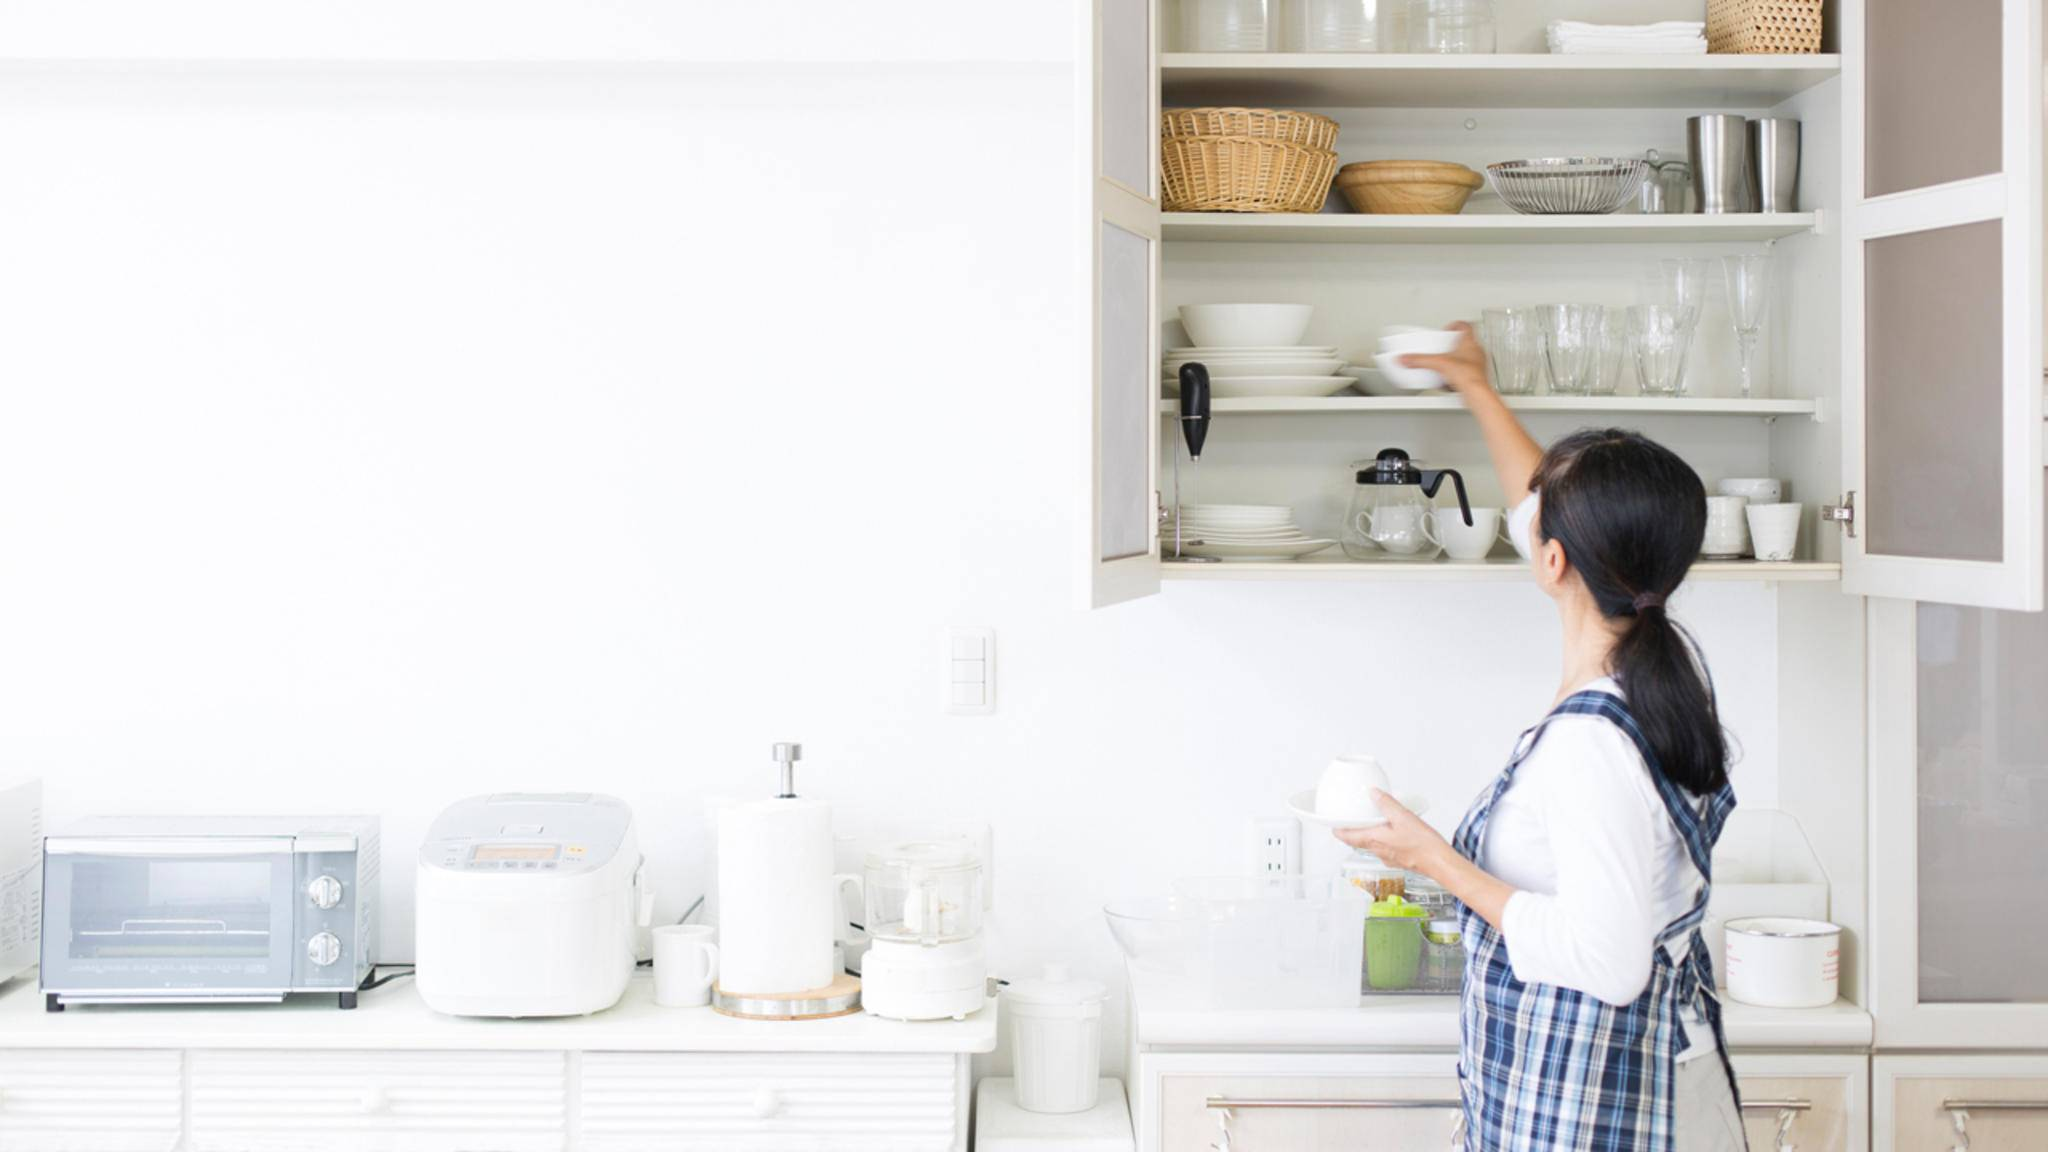 Eine ordentlich sortierte Küche erhöht die Lebensqualität.